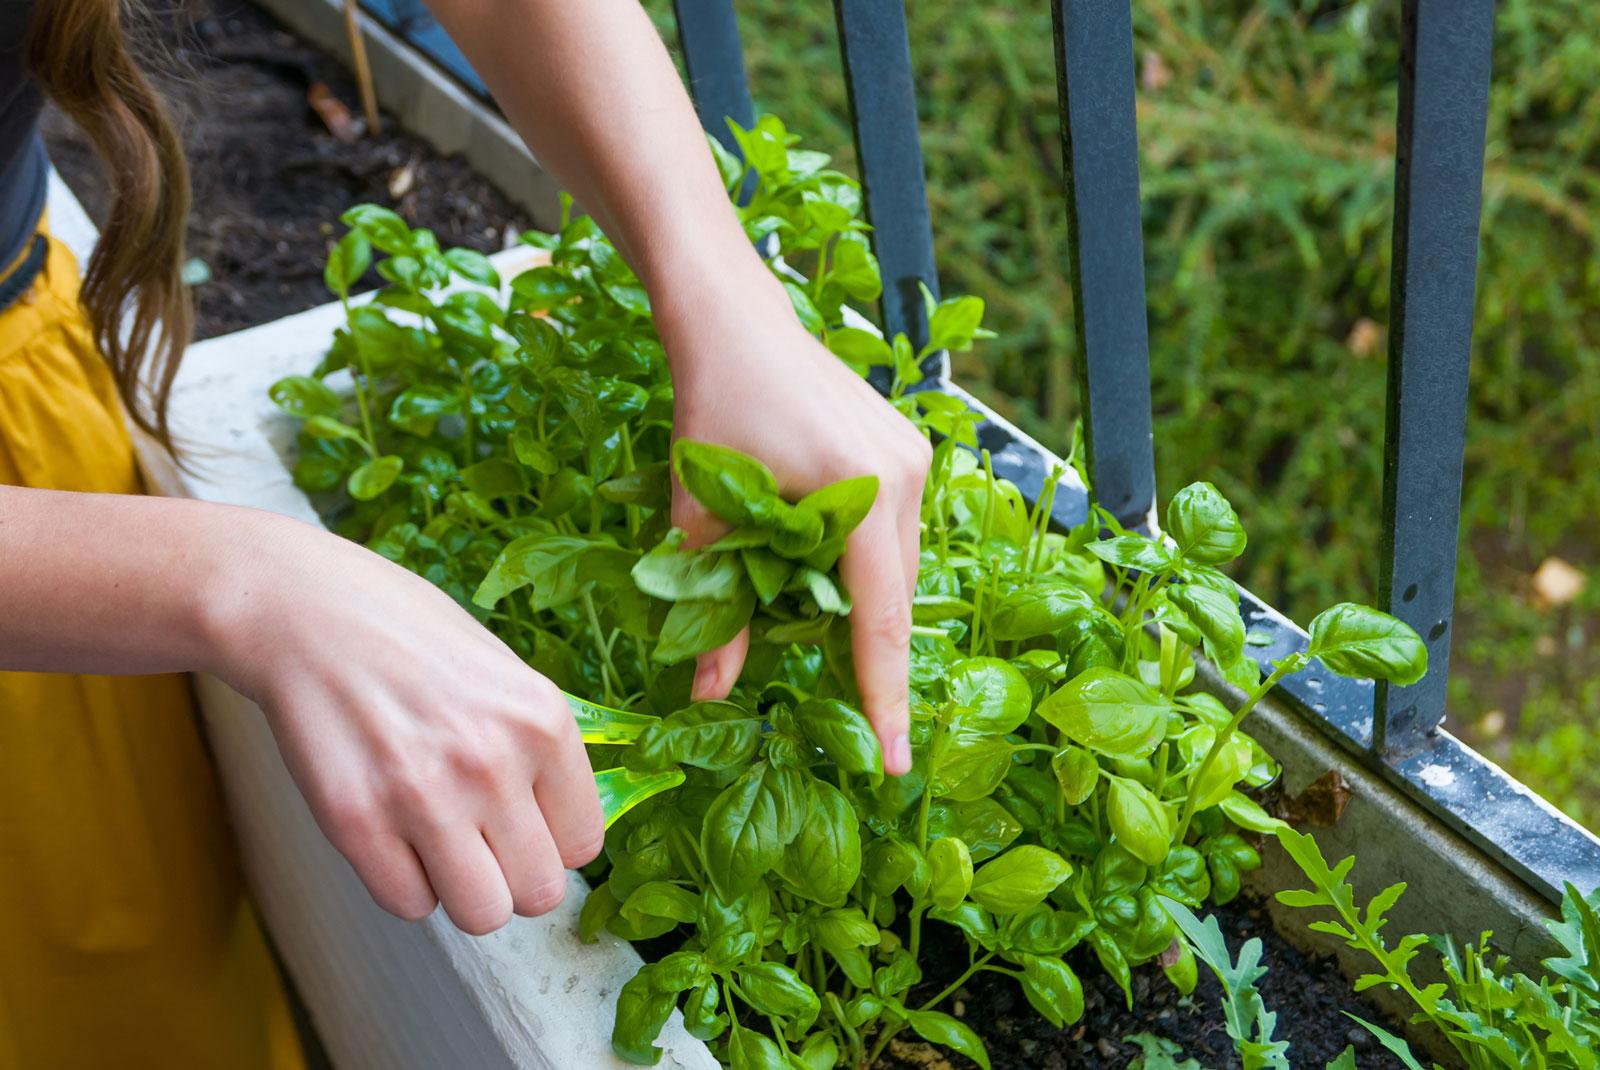 Kräuter für den Balkon: Aromatische Pflanzen wie Basilikum, Minze und Oregano gedeihen auch auf dem Balkon.